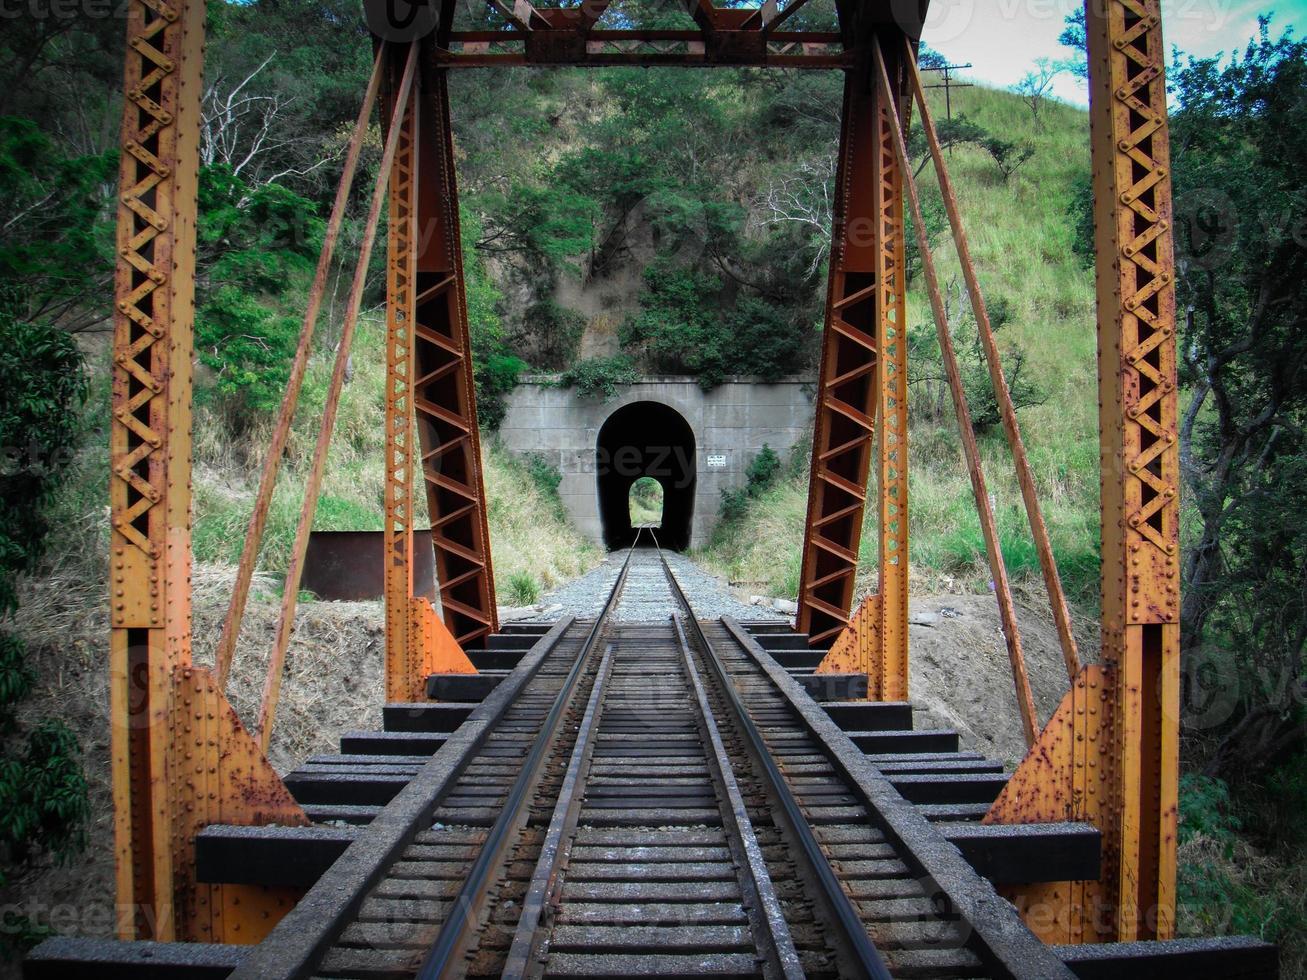 túnel al final del puente foto